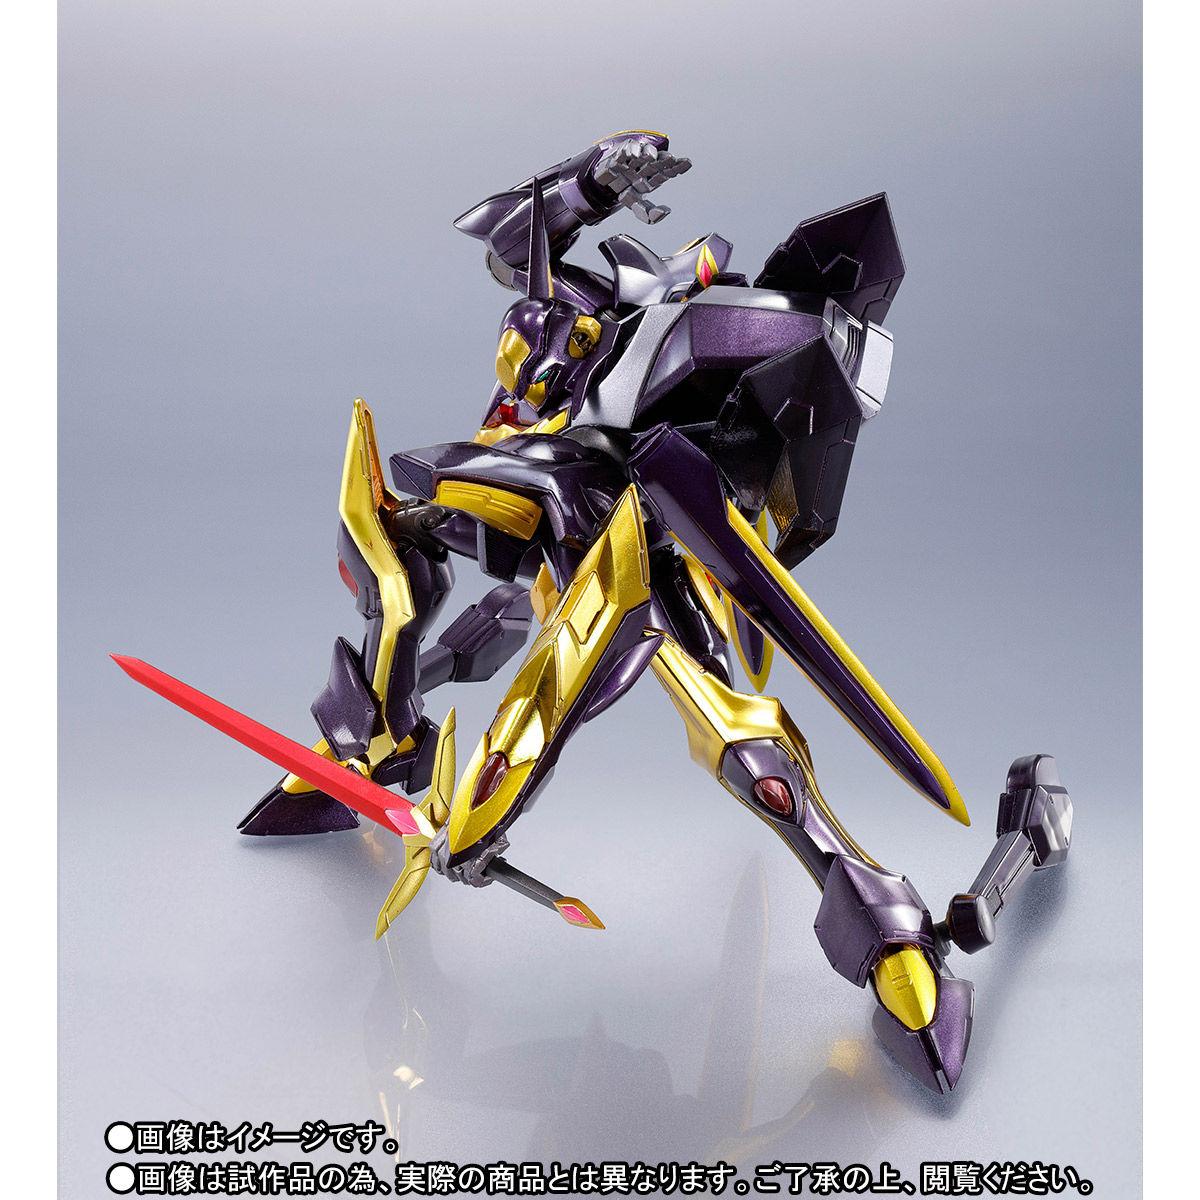 METAL ROBOT魂〈SIDE KMF〉『ランスロット・アルビオン ゼロ』コードギアス 可動フィギュア-010